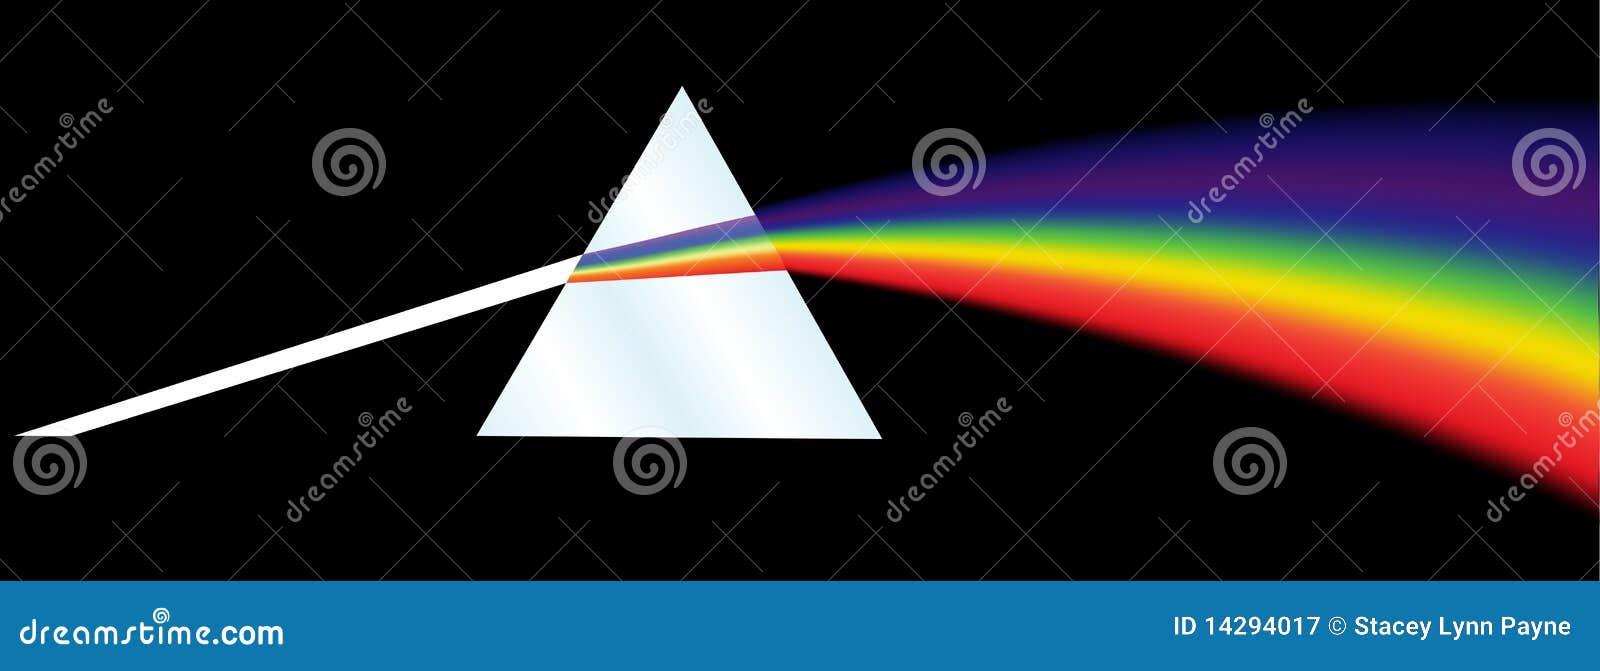 Prisma da dispersão do arco-íris